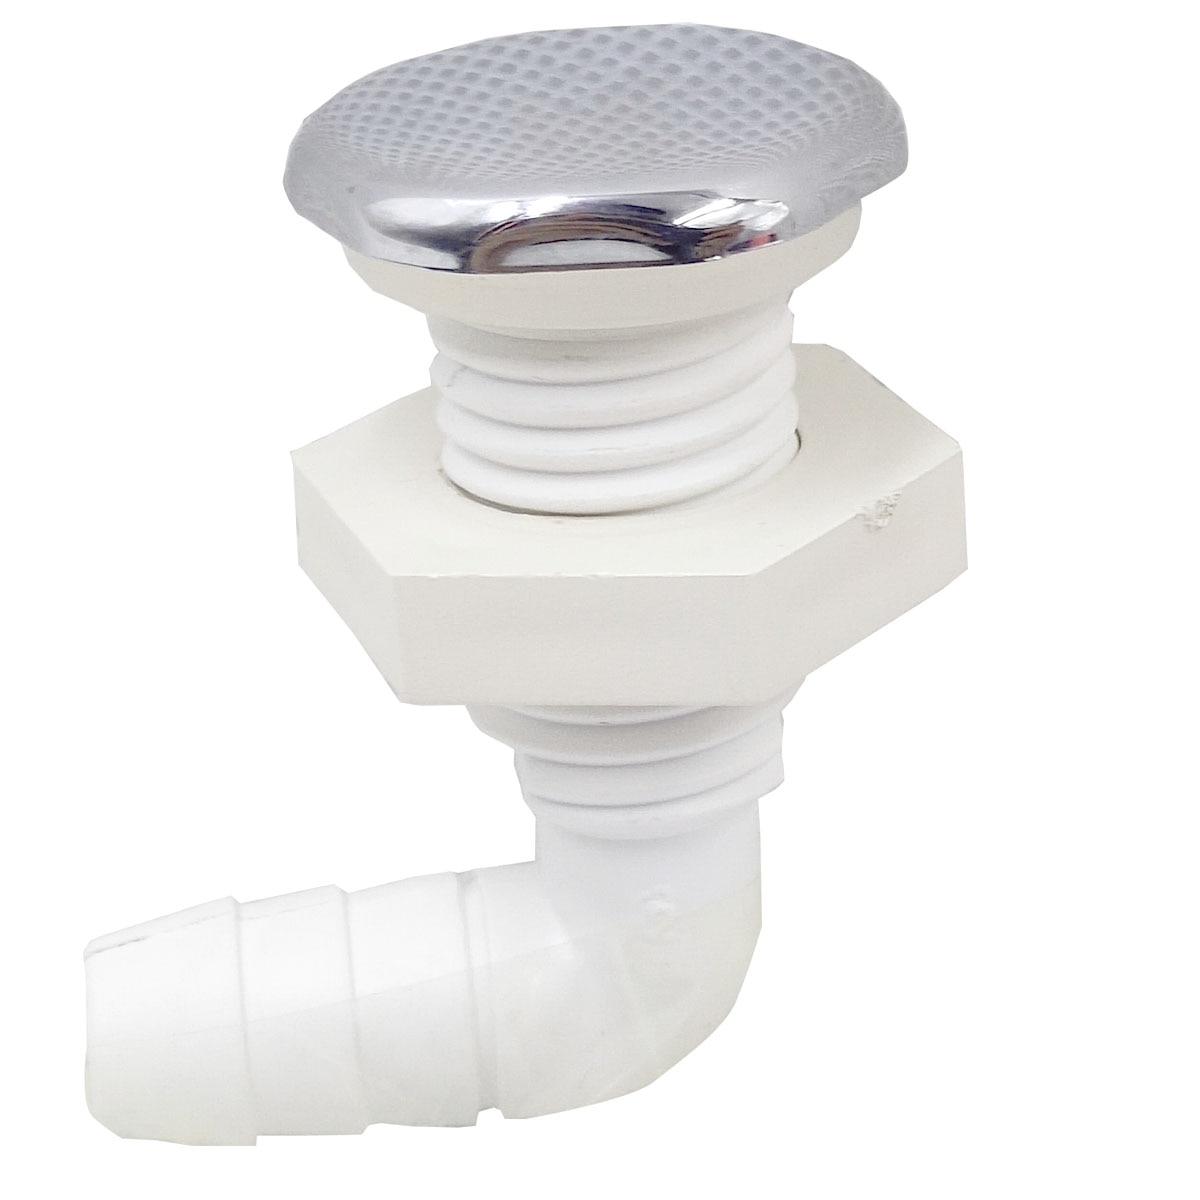 Seis bocal côncavo do ar da cobertura, superfície do cromo, jato de ar com base da textura do pvc, acessórios da banheira da massagem dos termas de 26mm